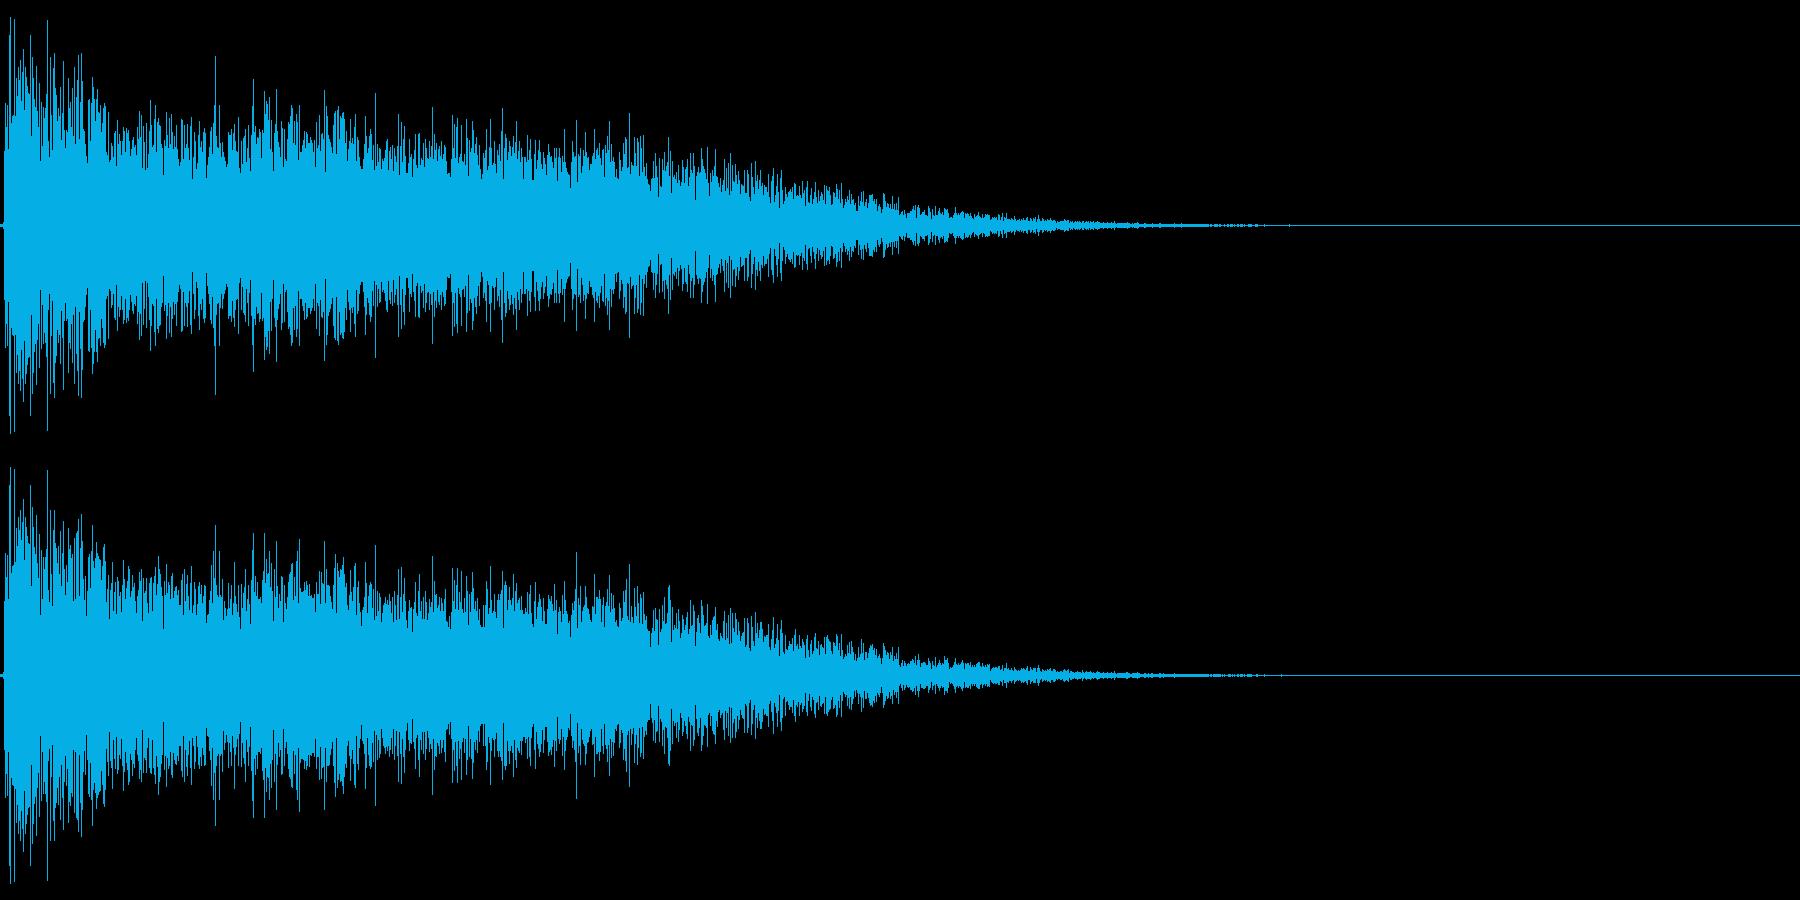 レーザーサーベルがぶつかり合うイメージの再生済みの波形